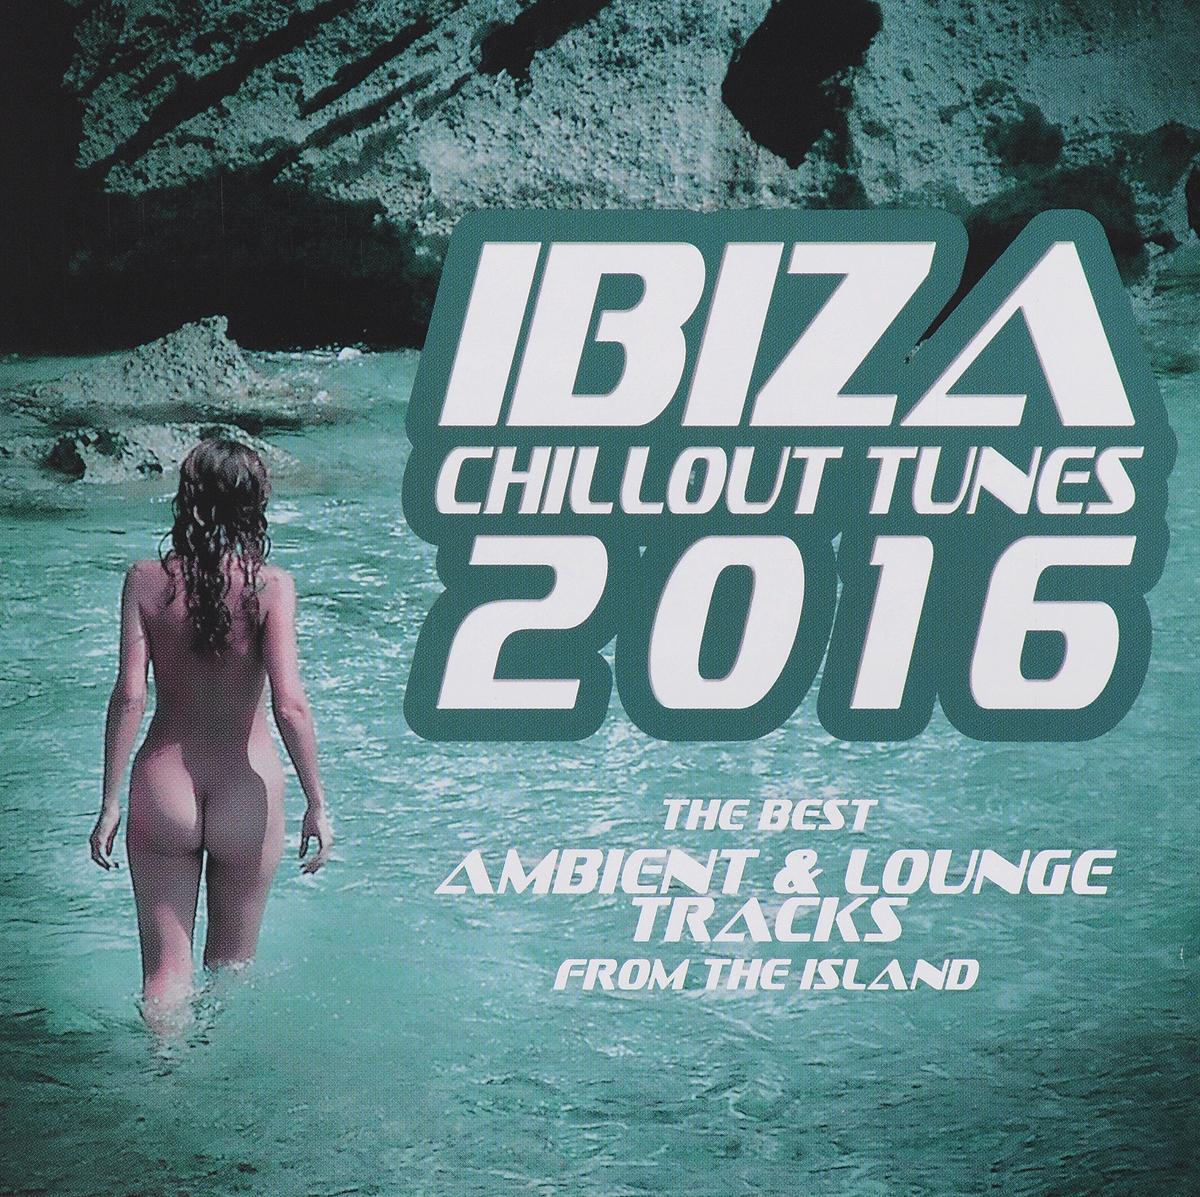 Ibiza Chillout Tunes 2016 grupo de noche